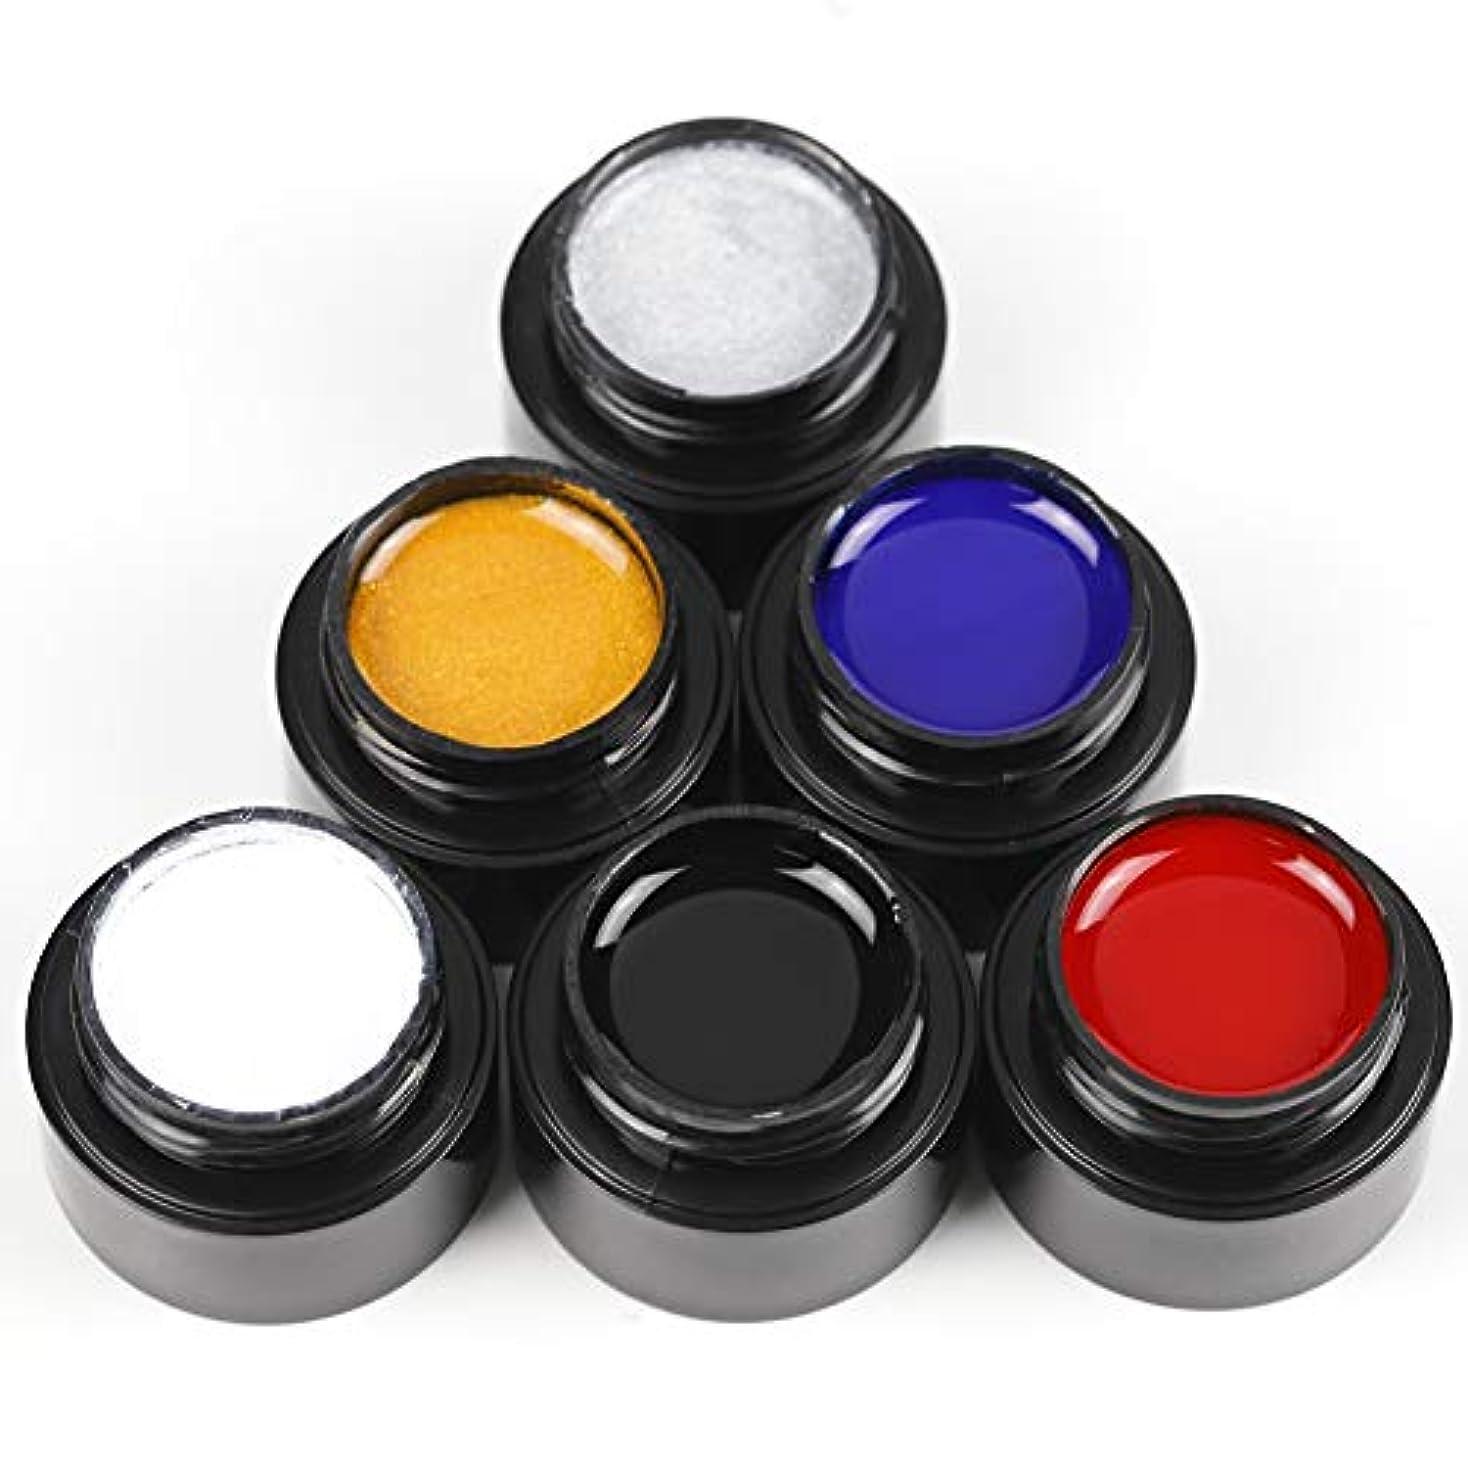 自転車差し迫った温度計Twinkle Store ライナージェル 5ml 6ボトルセット 6色入り カラージェル ジェルネイルカラー UV/LED 适用 ネイルアートジェル